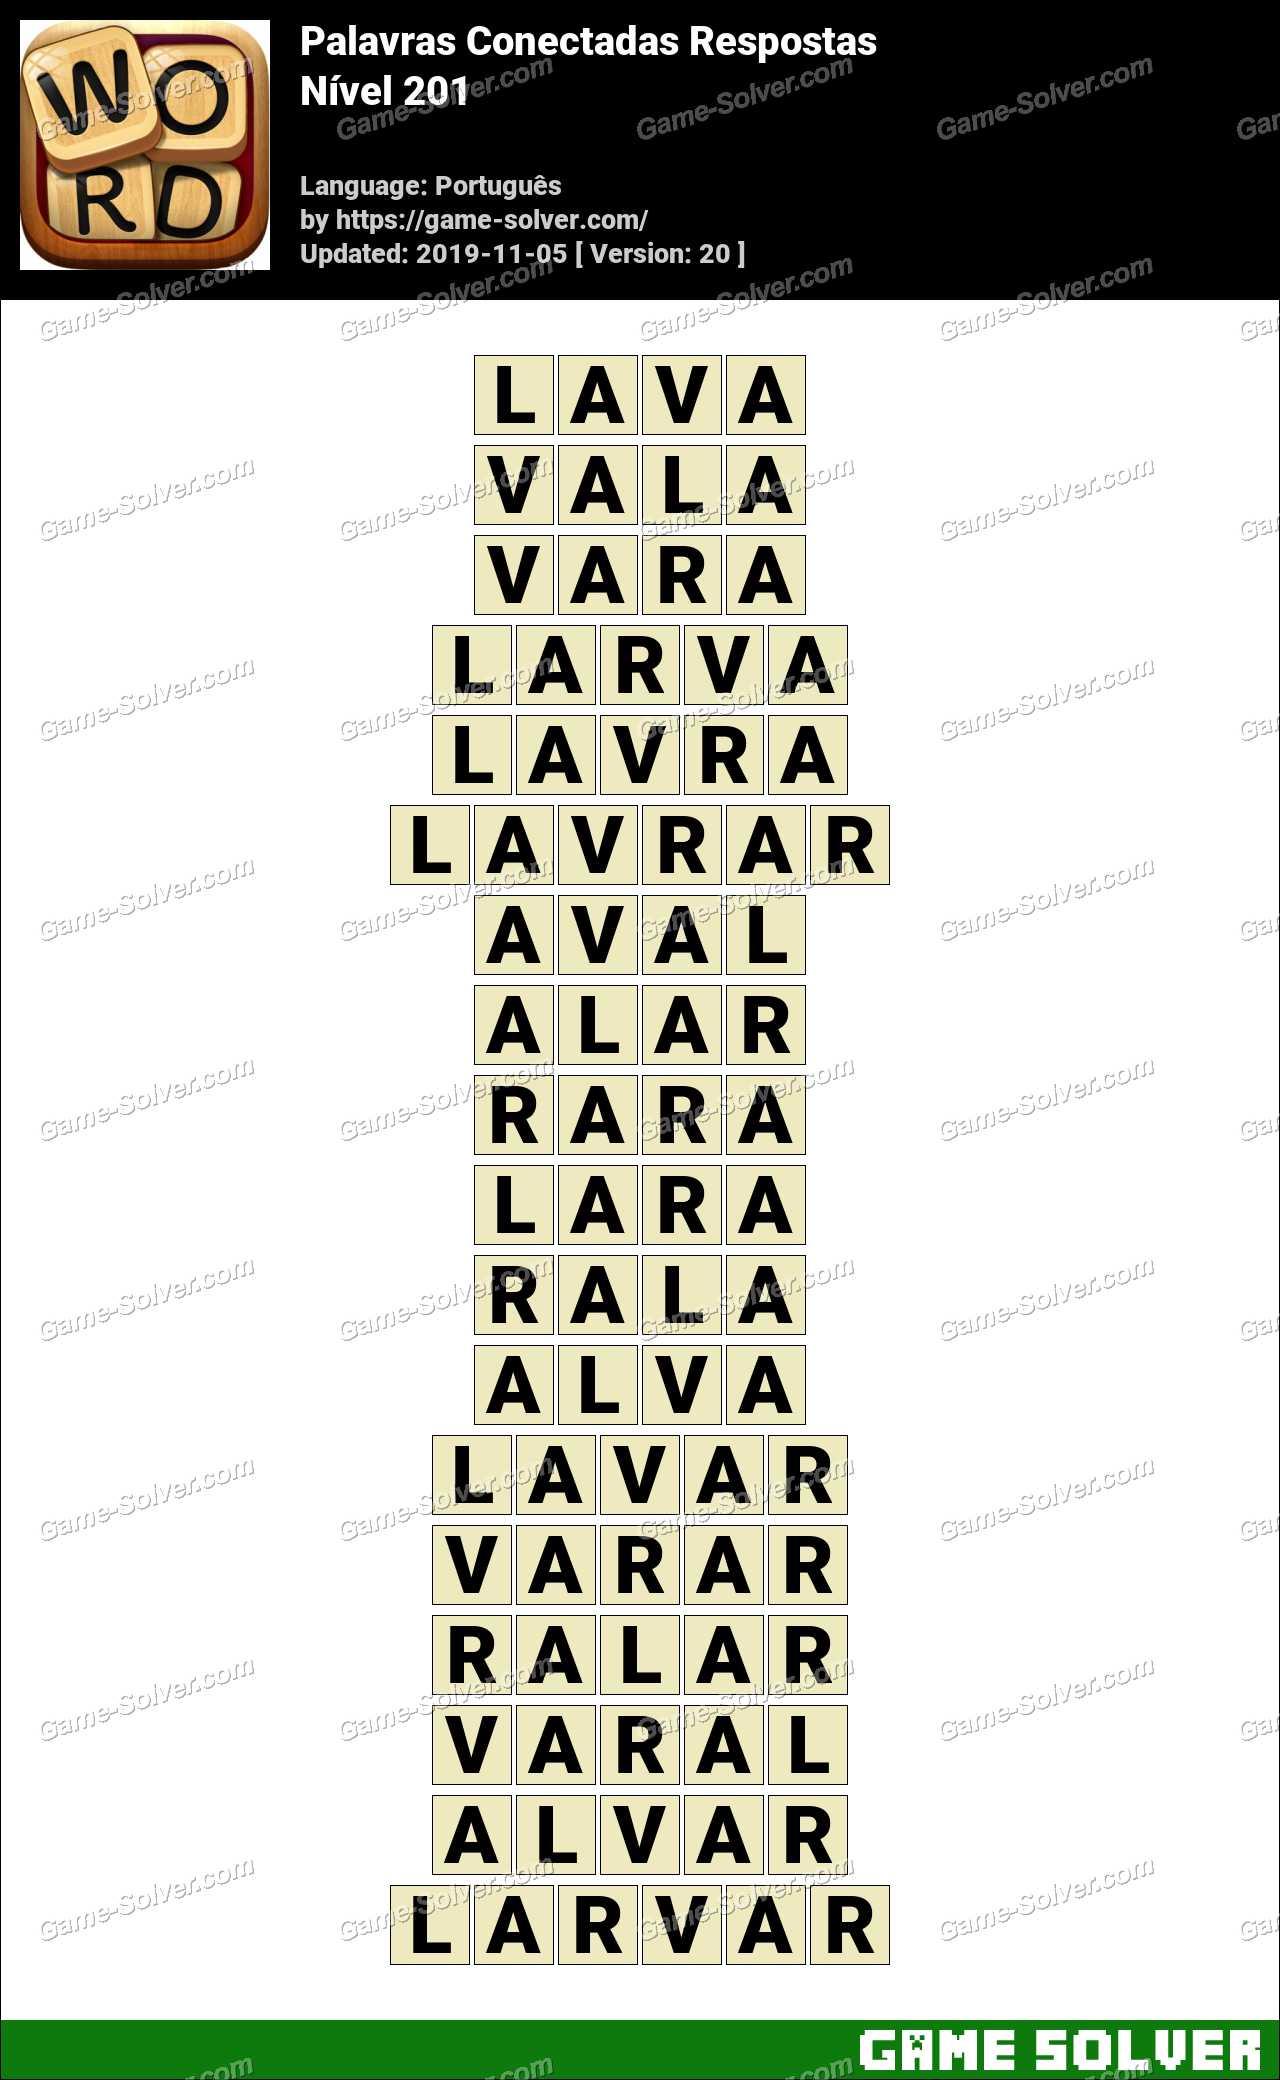 Palavras Conectadas Nivel 201 Respostas